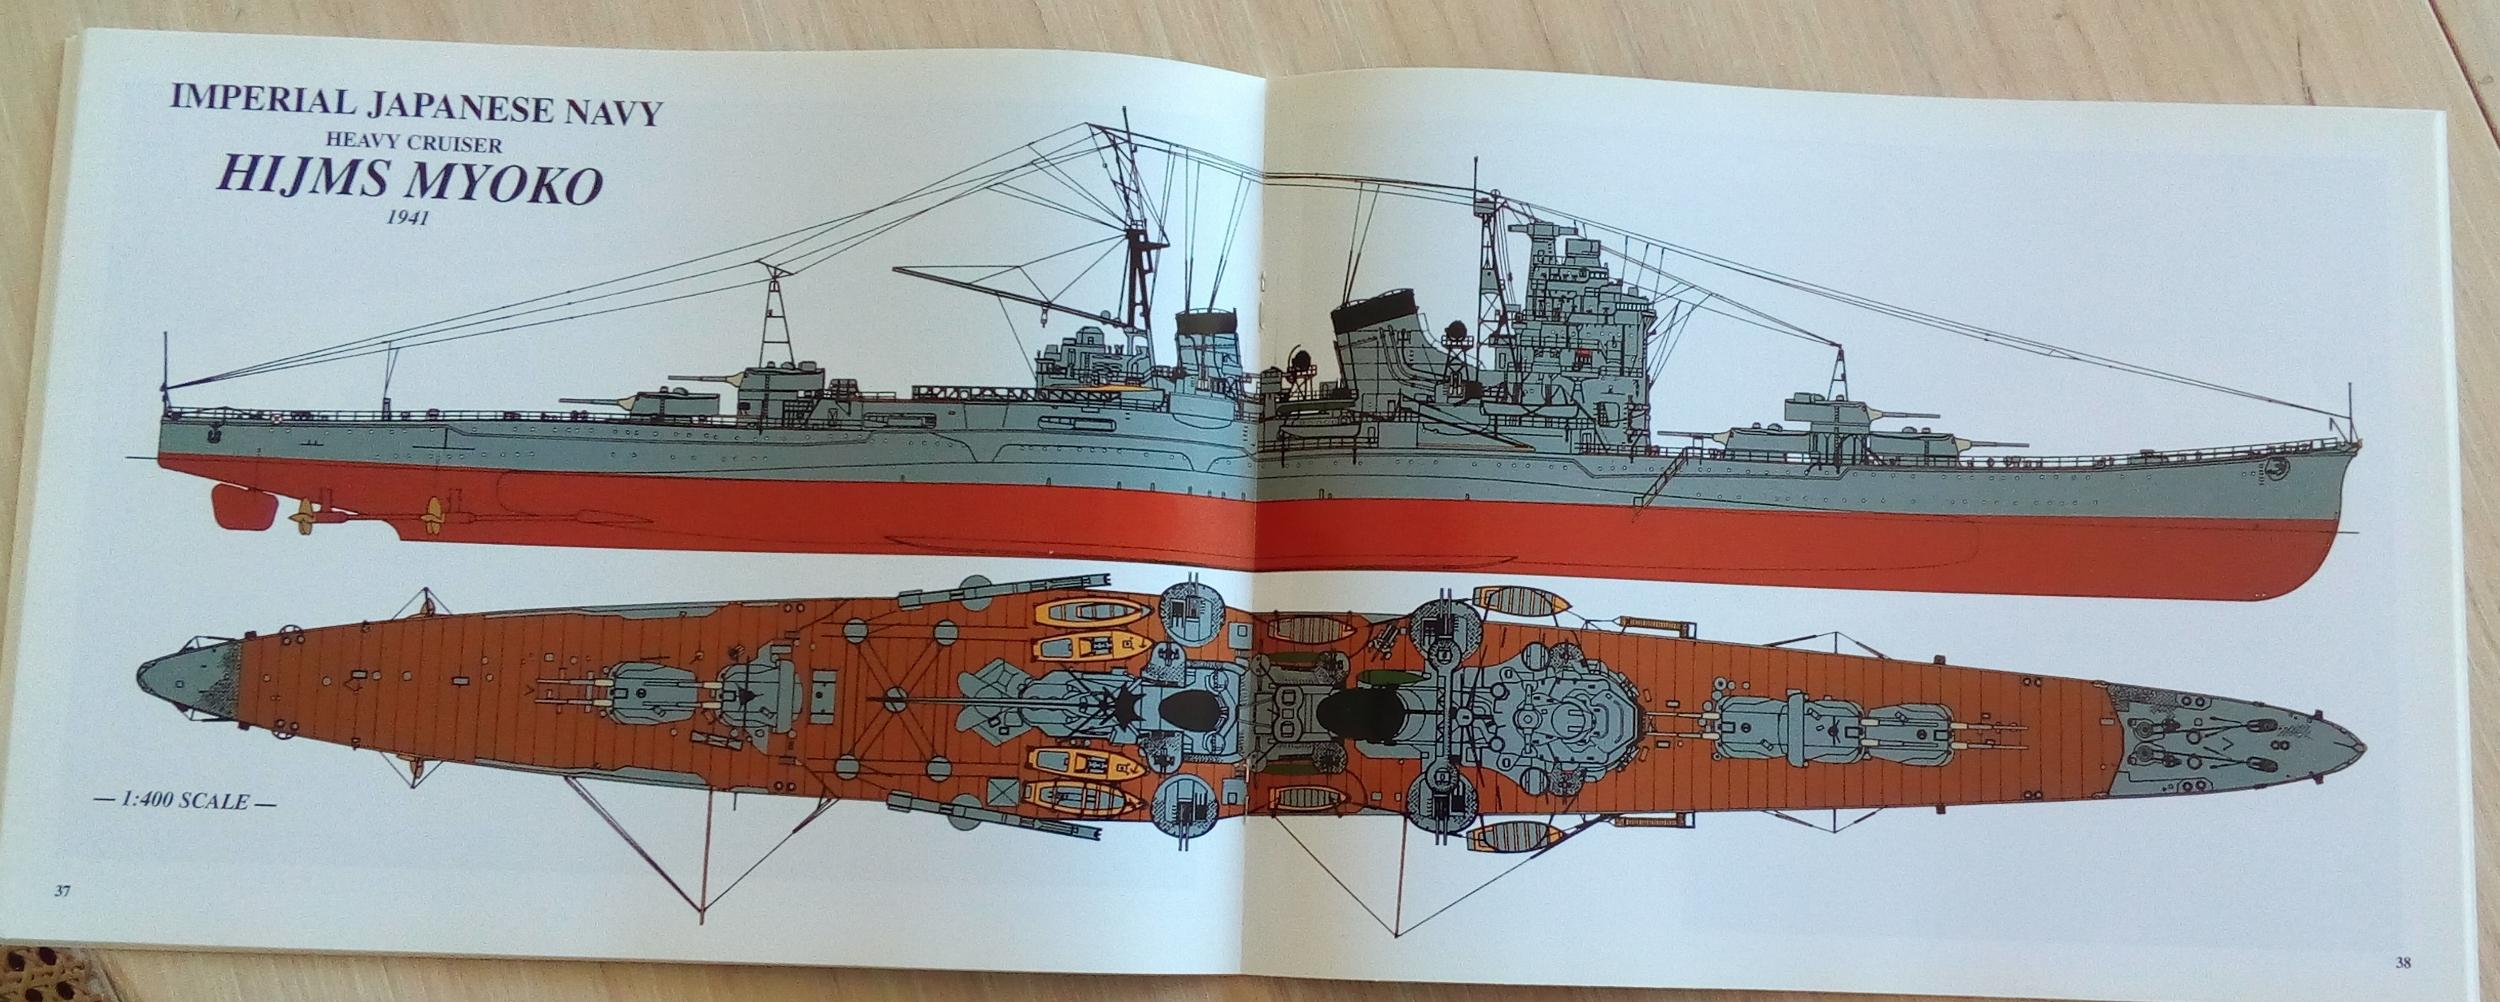 Cuirassé Richelieu 1/100 Vrsion 1943 sur plans Polonais et Sarnet + Dumas - Page 4 673299IMG201612271339192500x1002